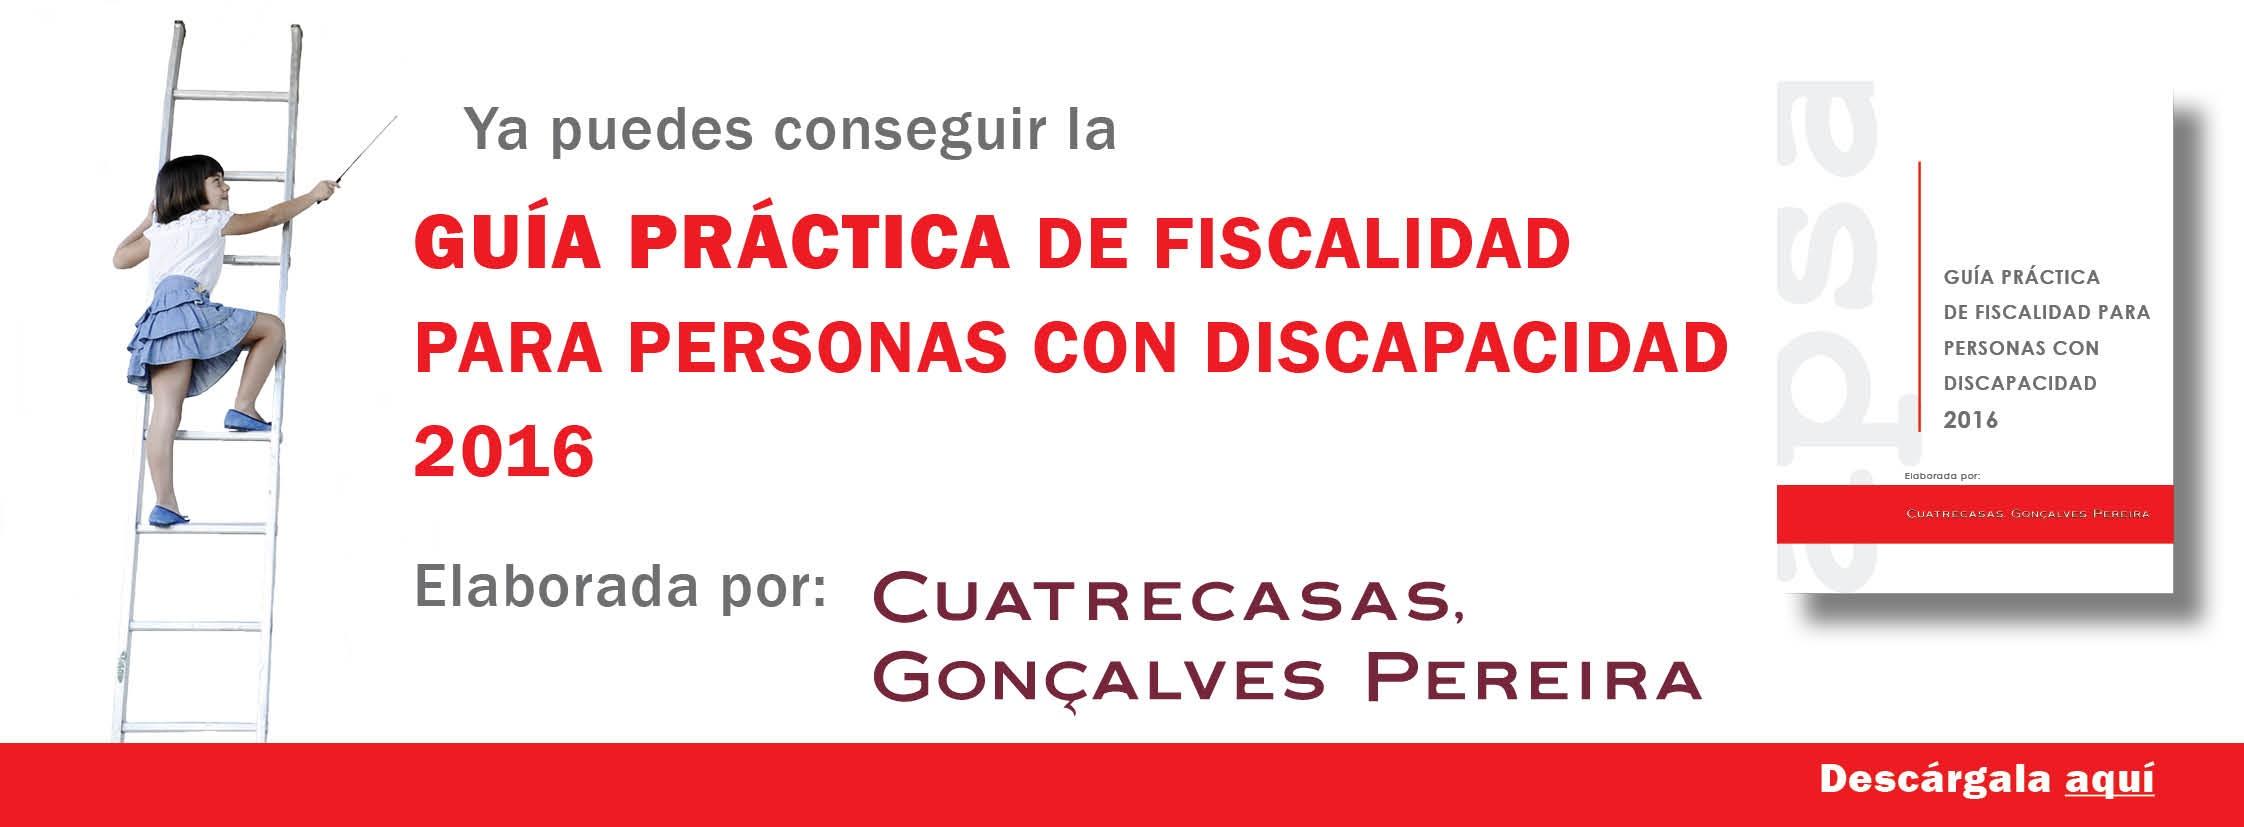 http://www.asociacionapsa.com/actualidad/campanyas/Gu%C3%ADa-De-Fiscalidad-Para-Discapacitados-Cuatrecasas-APSA